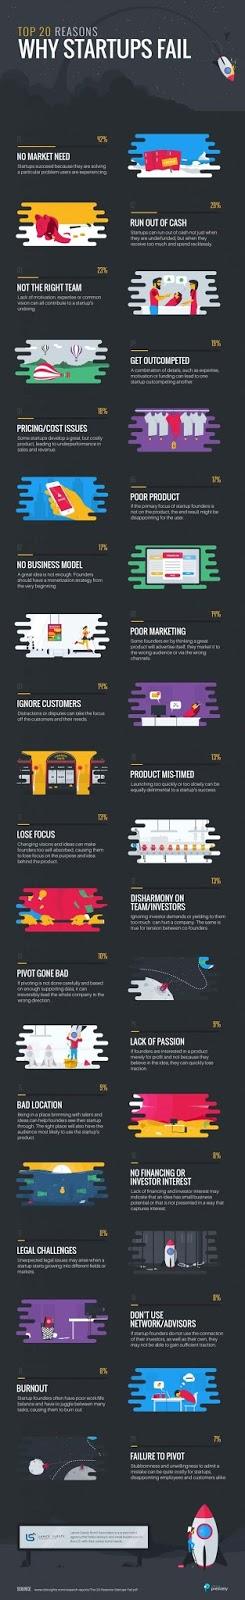 (infographie) Pourquoi les startups échouent ? Les 20 Causes Principales